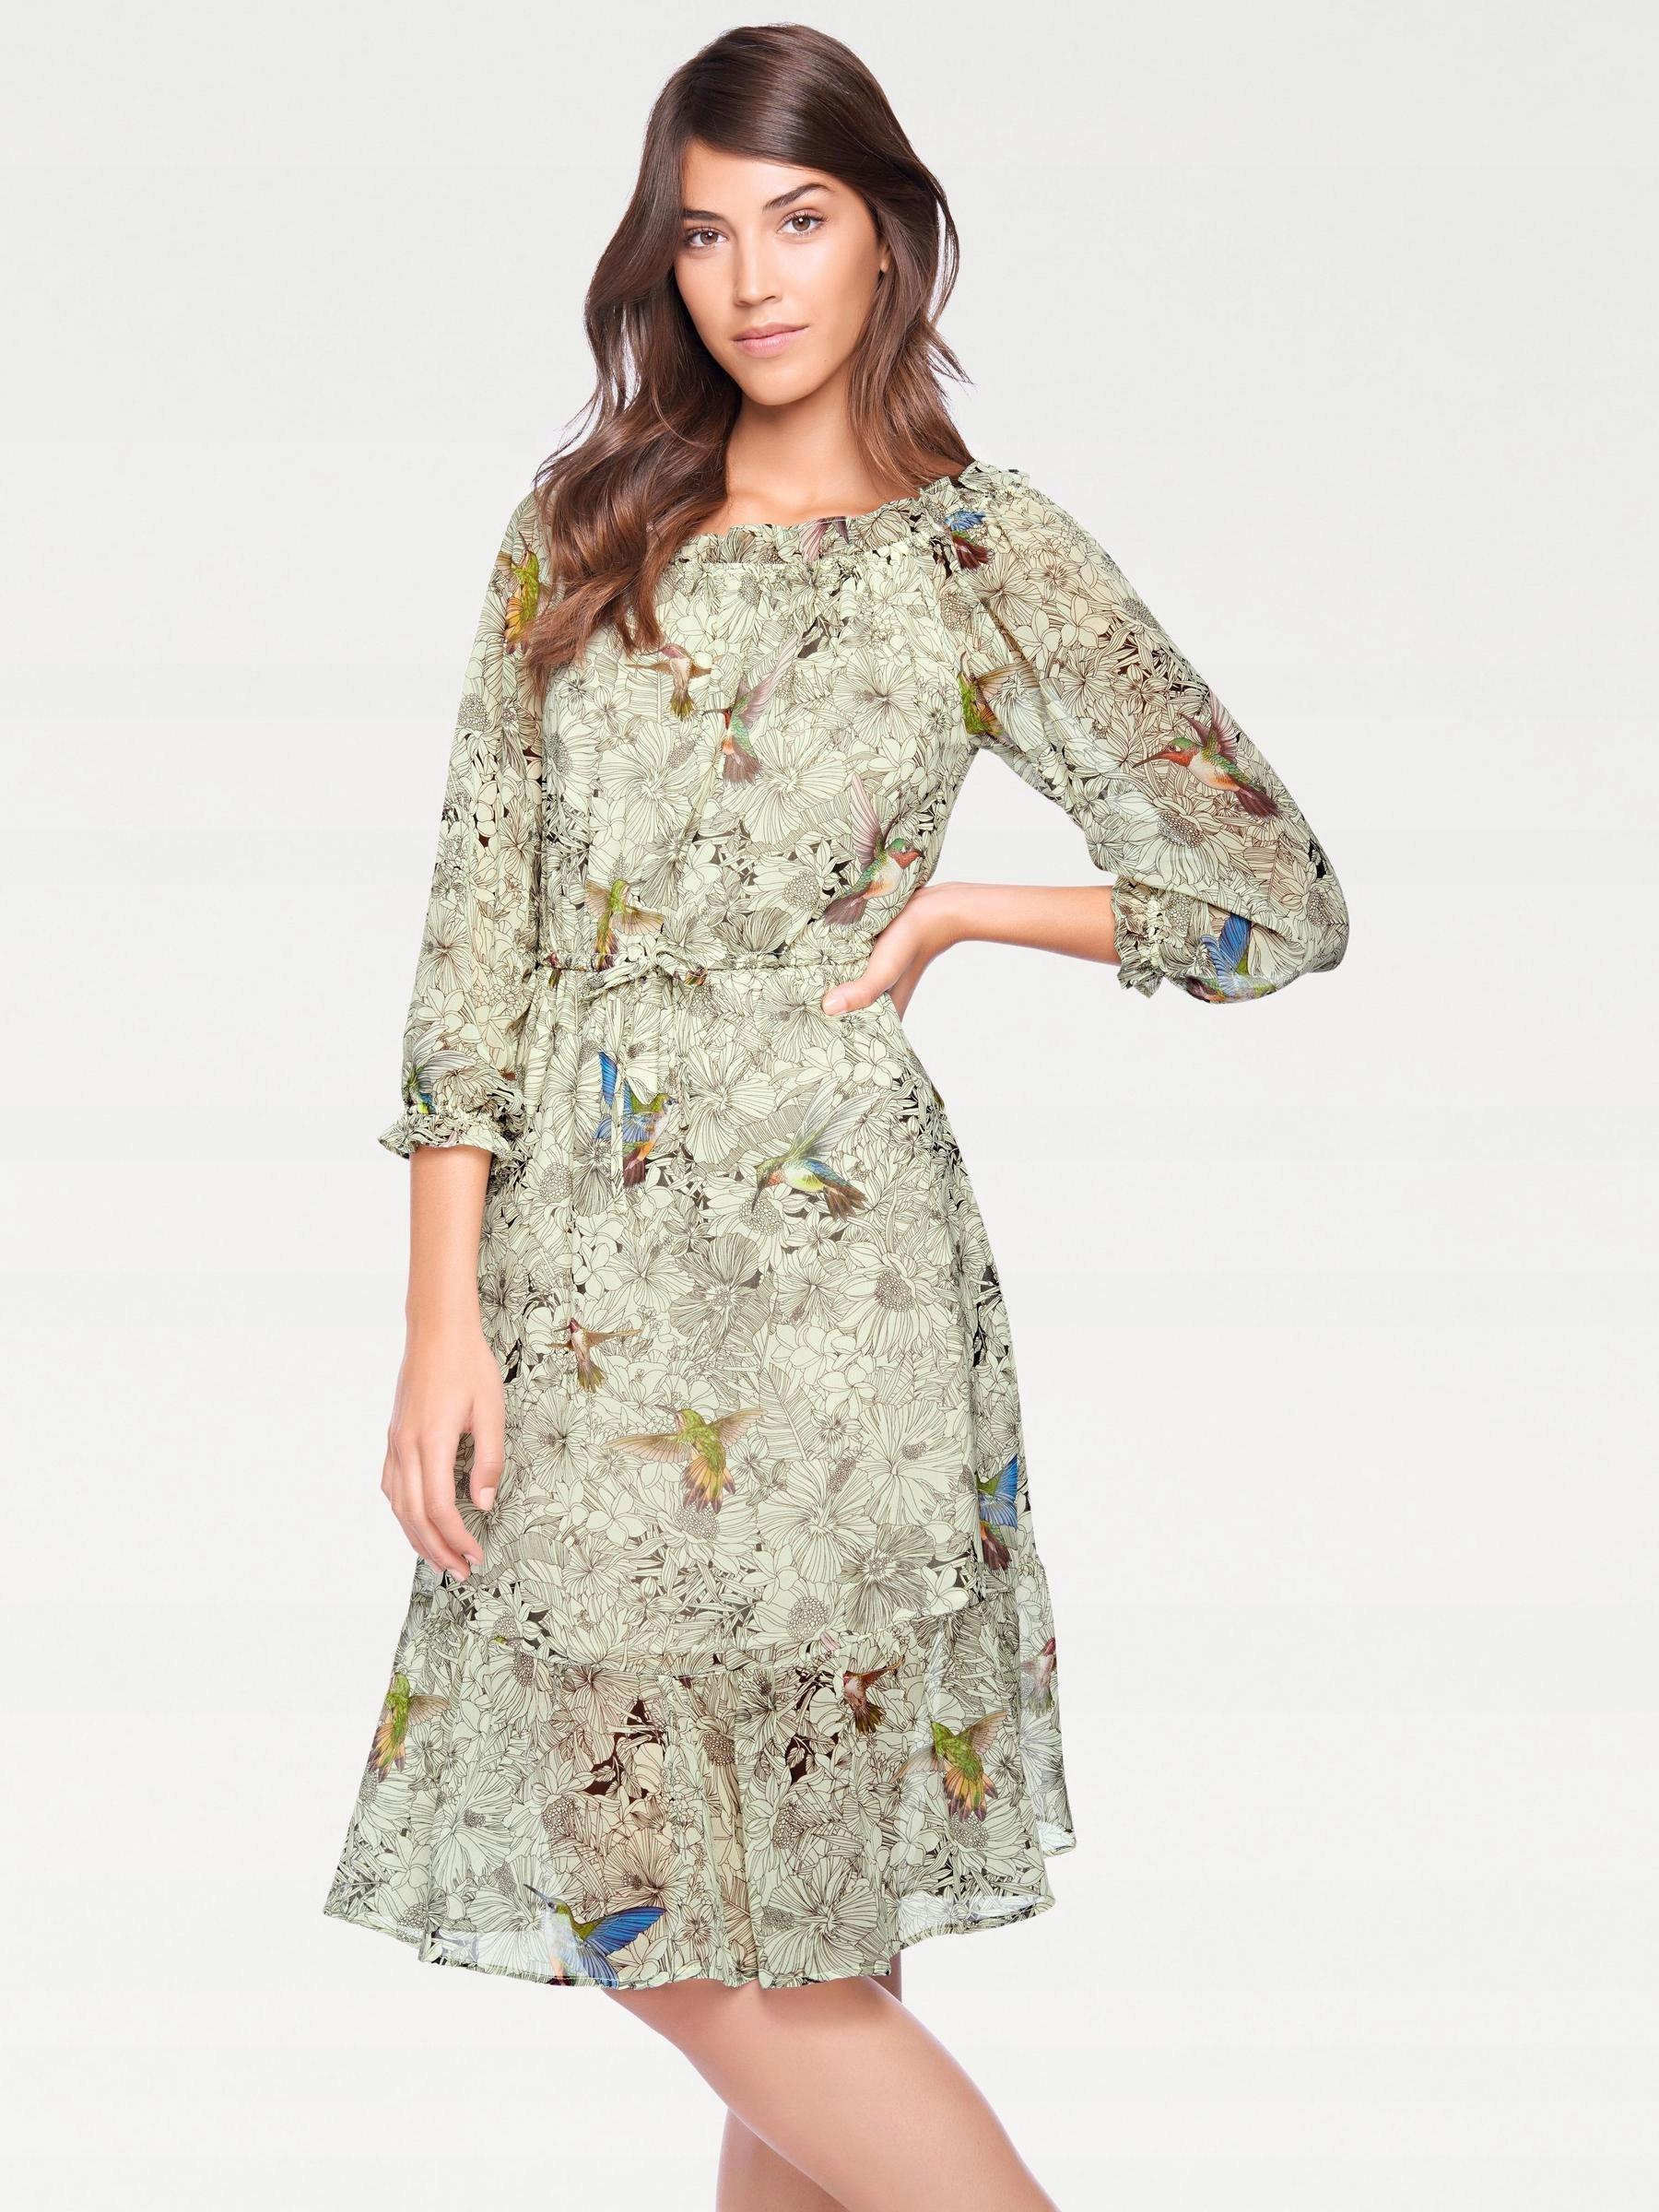 c673577145 Tesini szyfonowa sukienka z motywem ptaka 34 36 - 7604039016 ...